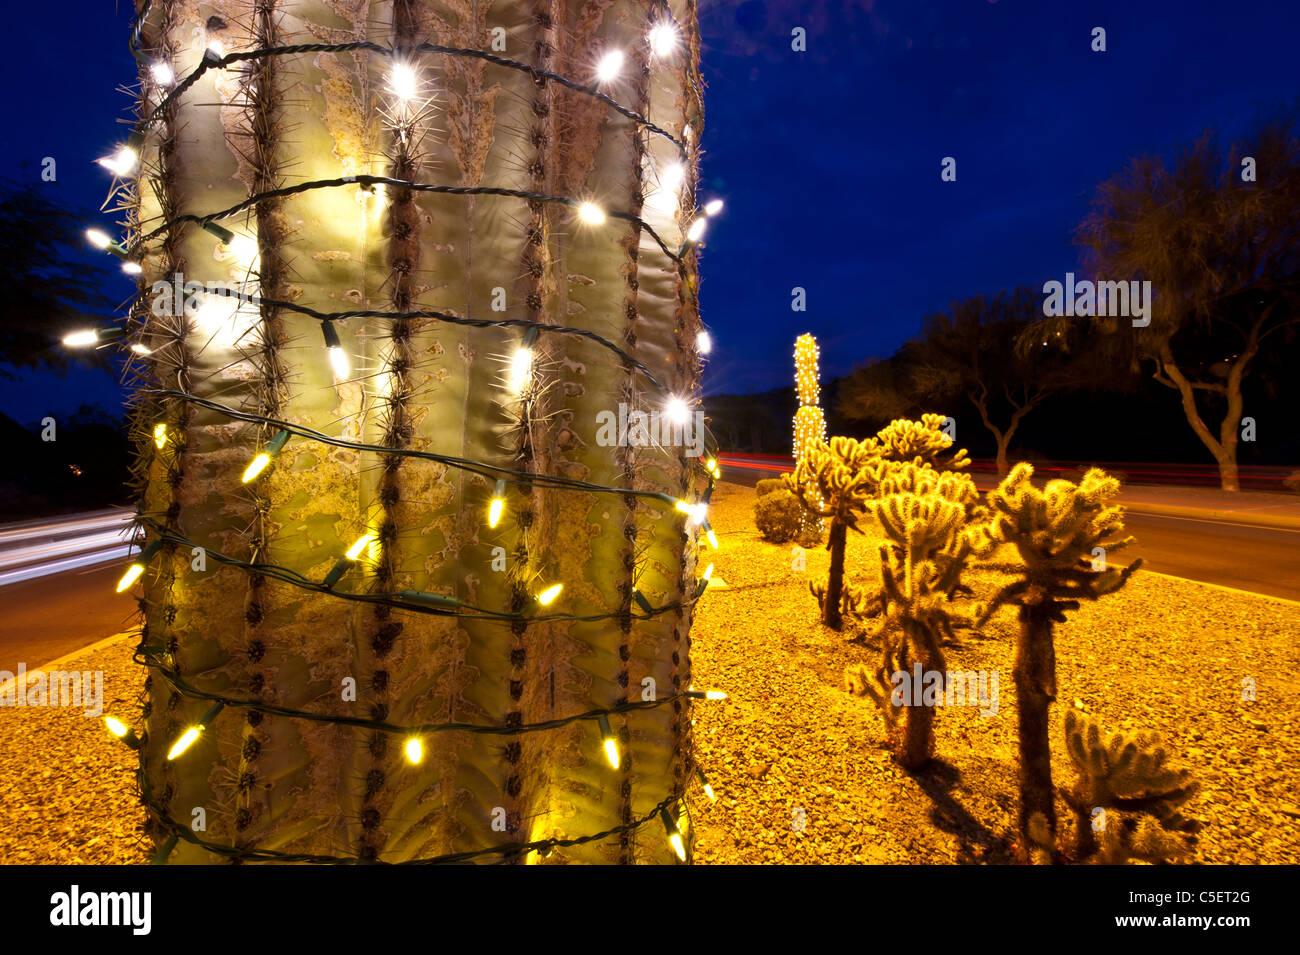 Christmas Lights On Saguaro Cactus Stock Photos & Christmas Lights ...